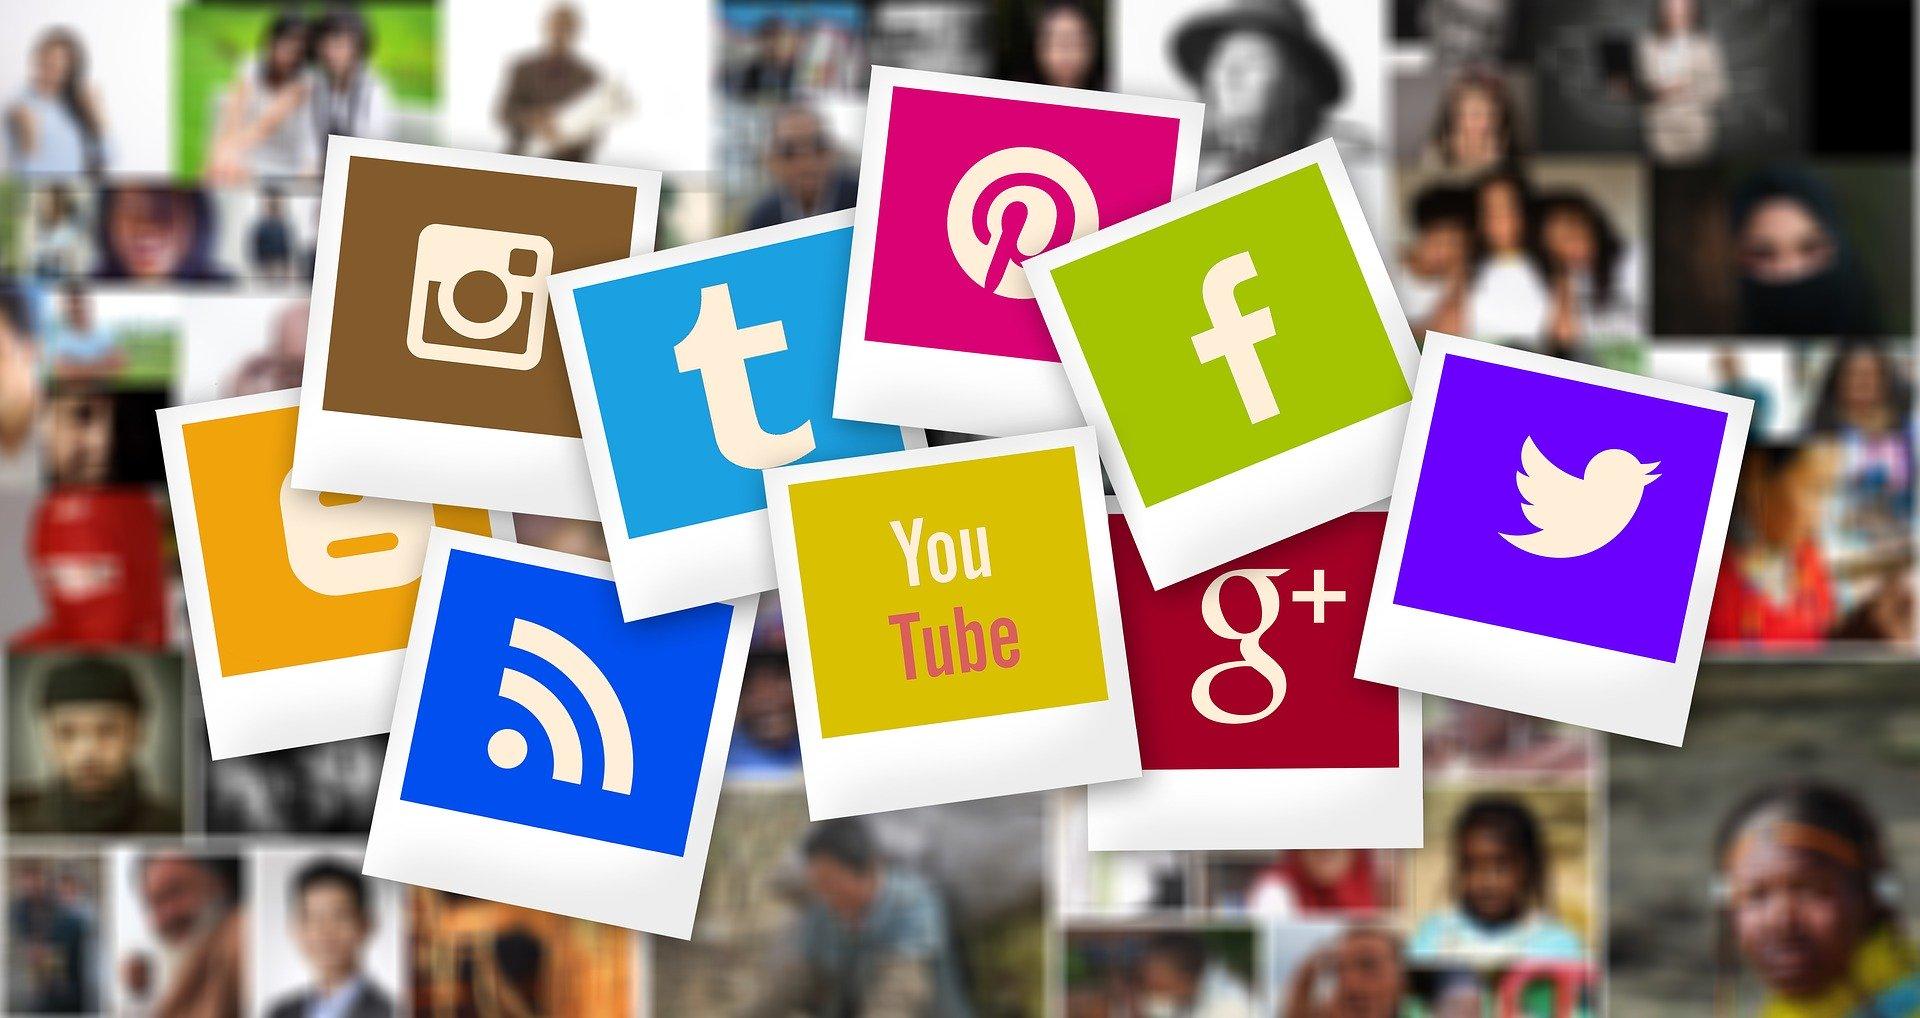 Como gerenciar as postagens nas redes sociais da forma correta?